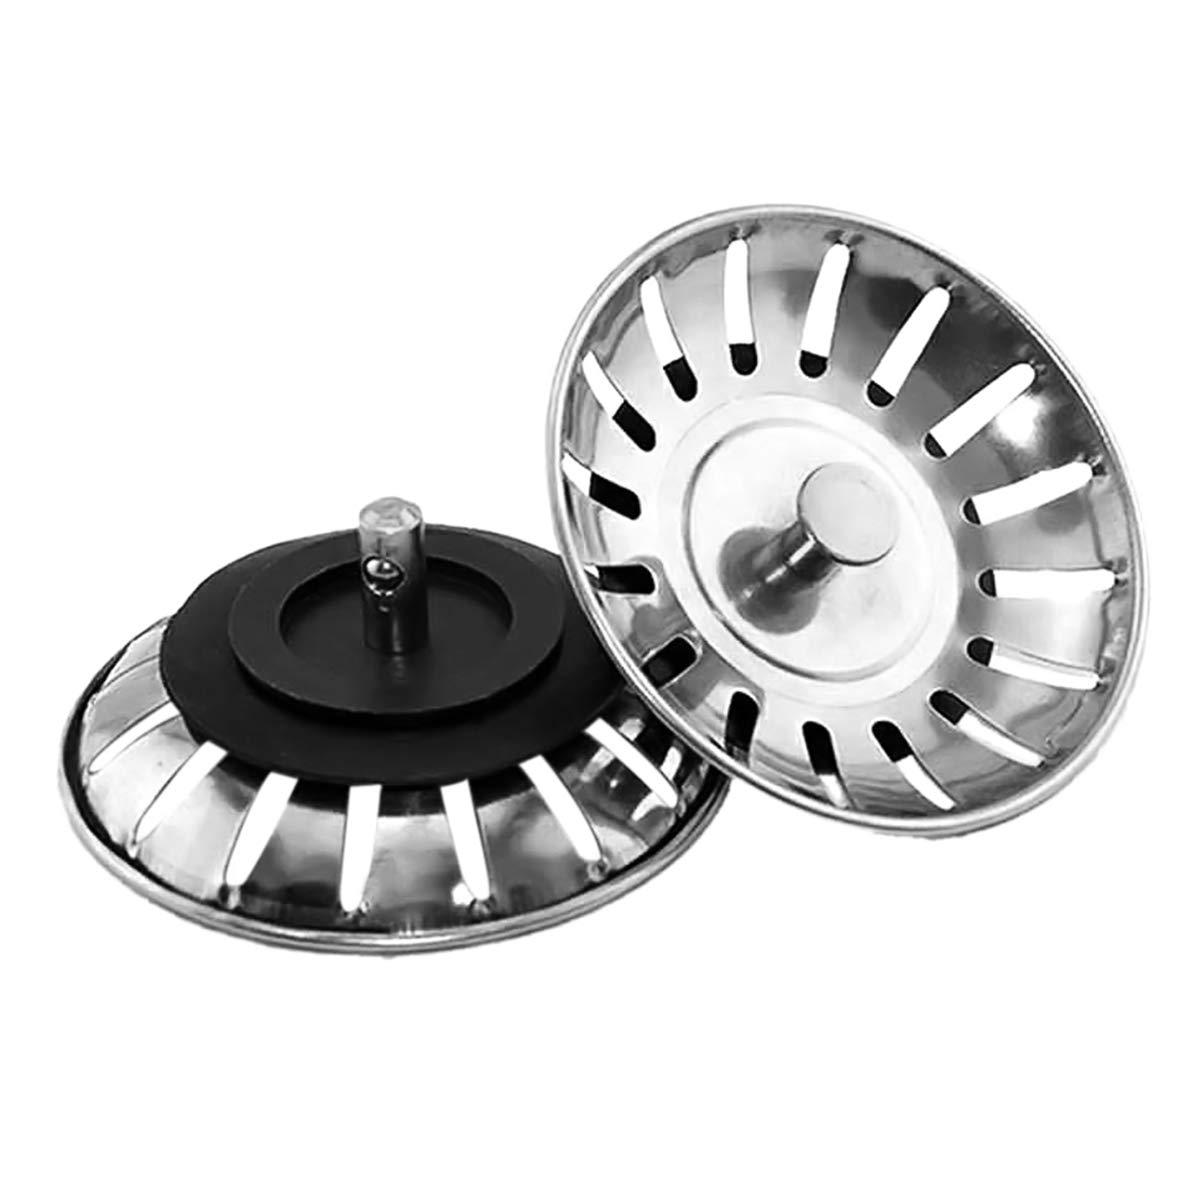 LACKINGONE 2 tapones de repuesto para fregadero de cocina se adapta a la mayor/ía de fregaderos modernos Franke